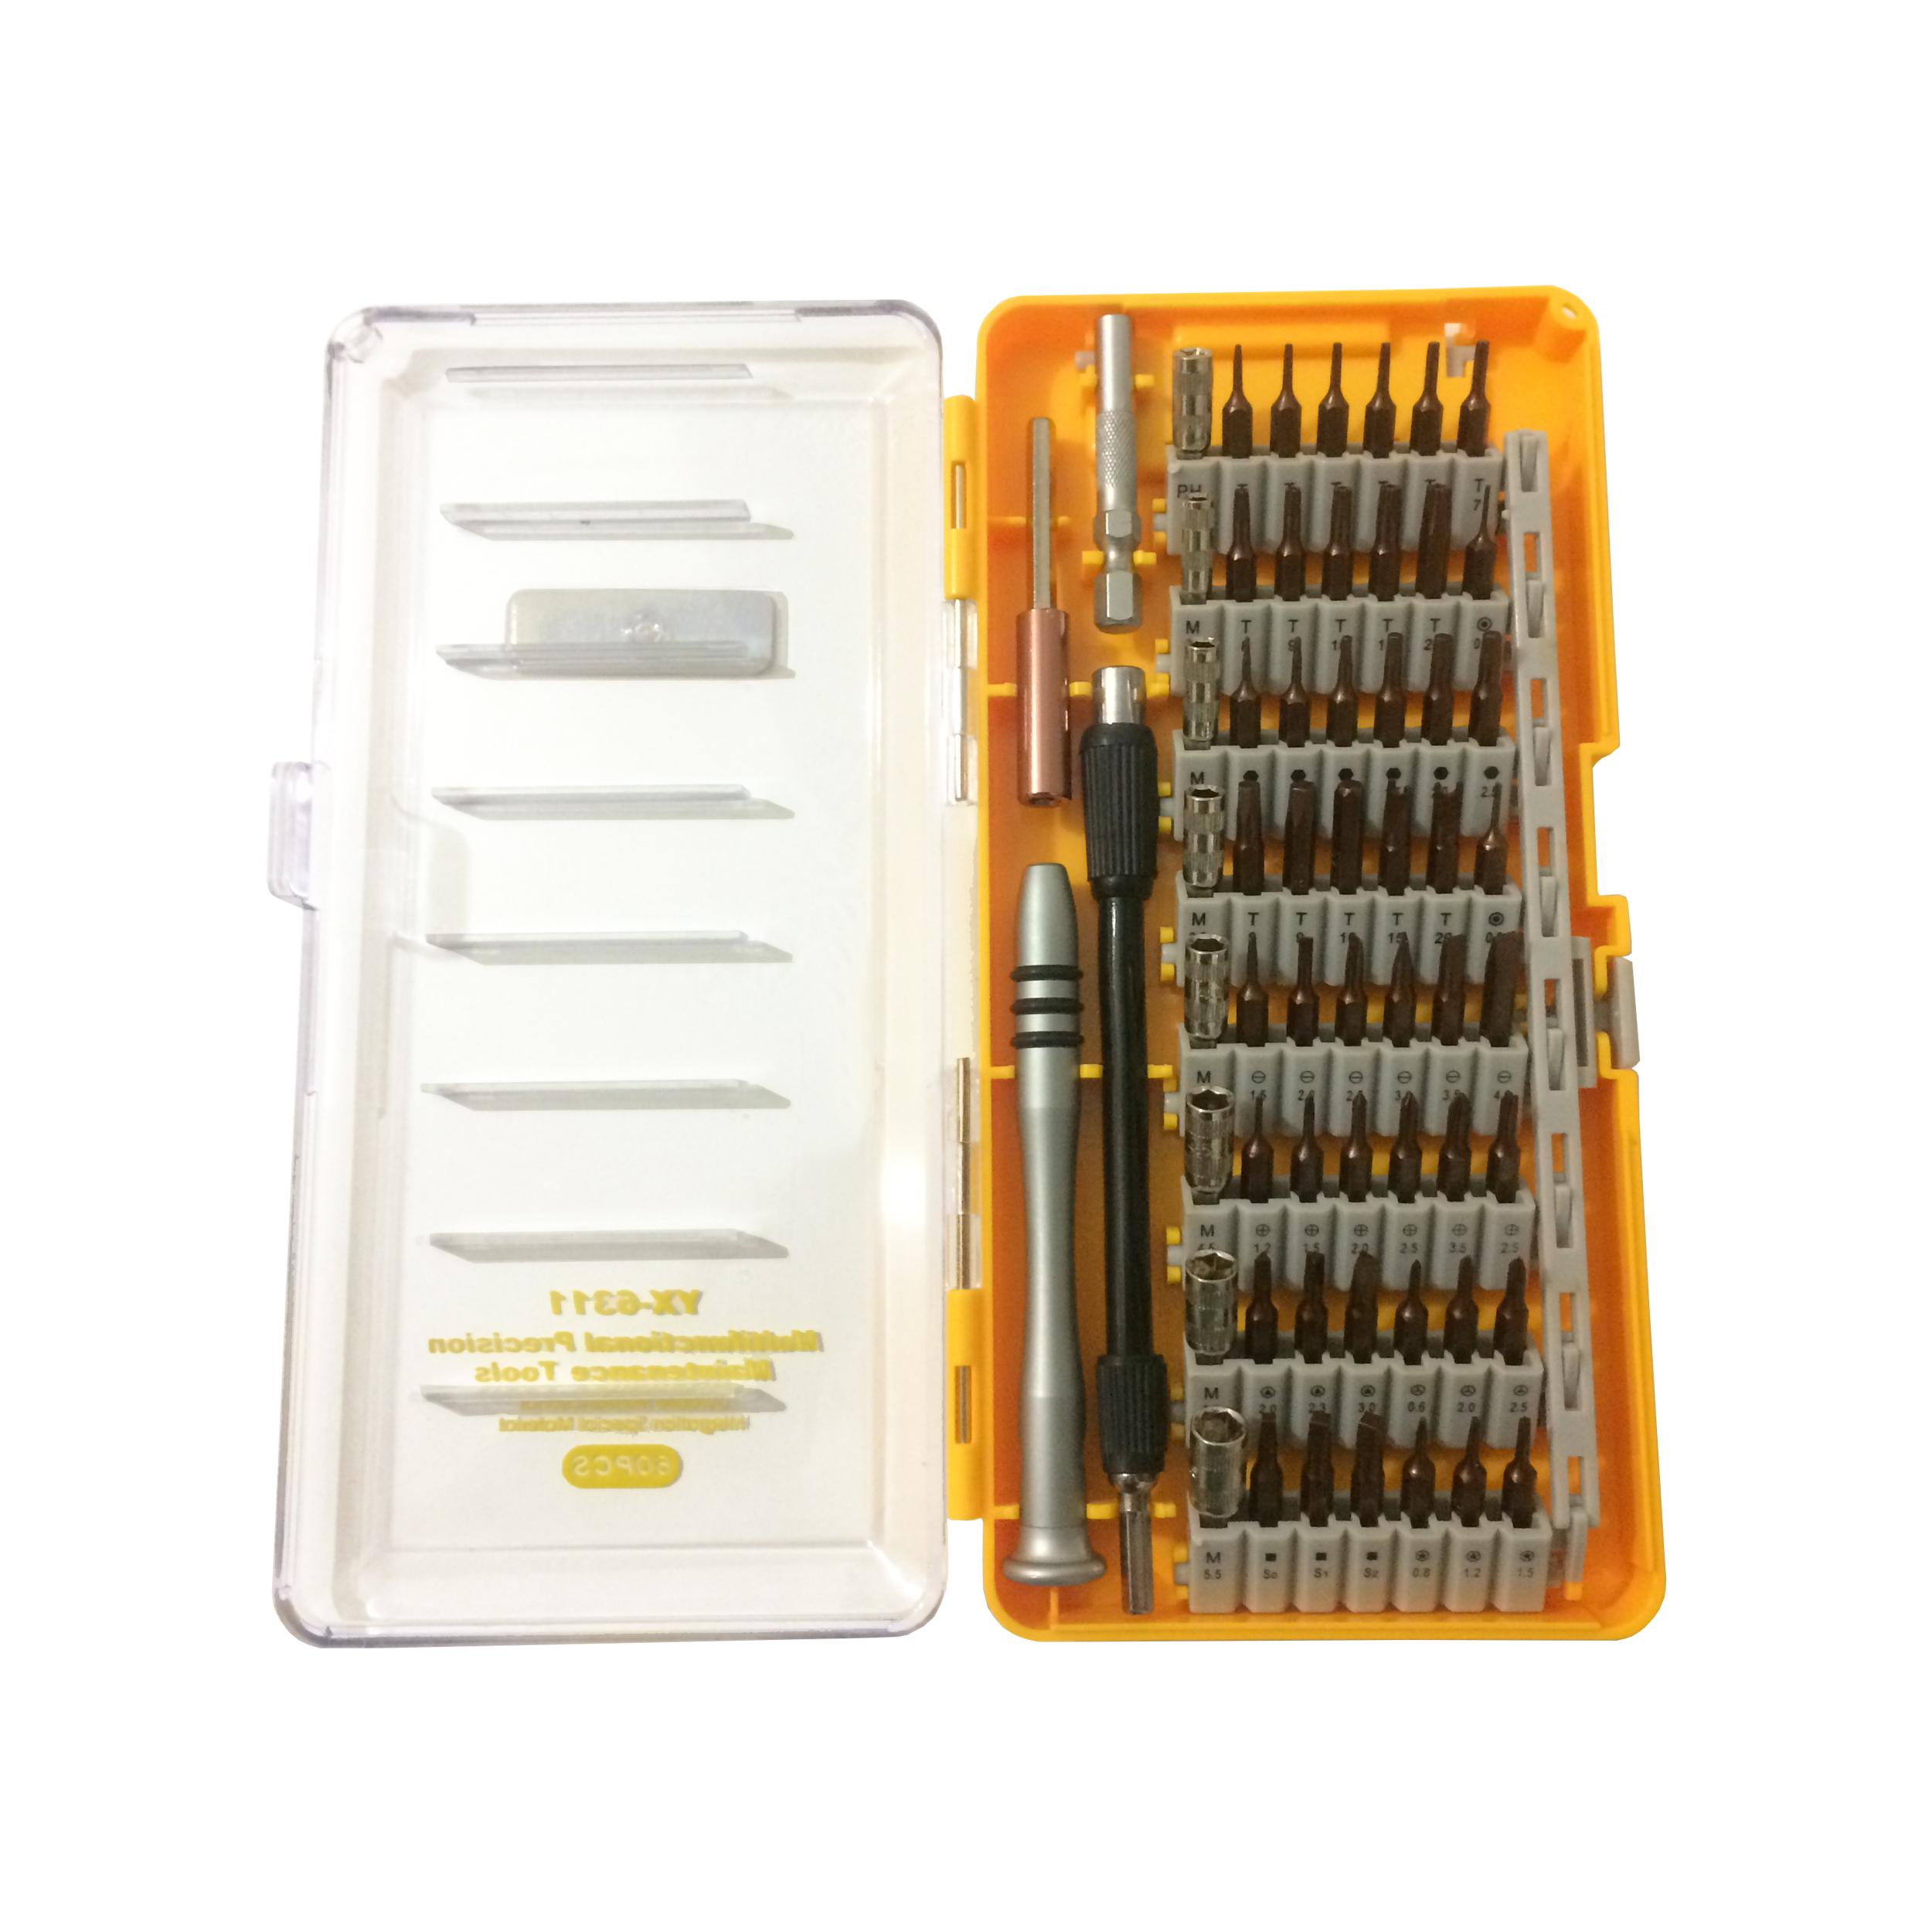 مجموعه 60 عددی سری پیچ گوشتی یاکسون مدل YX-6311